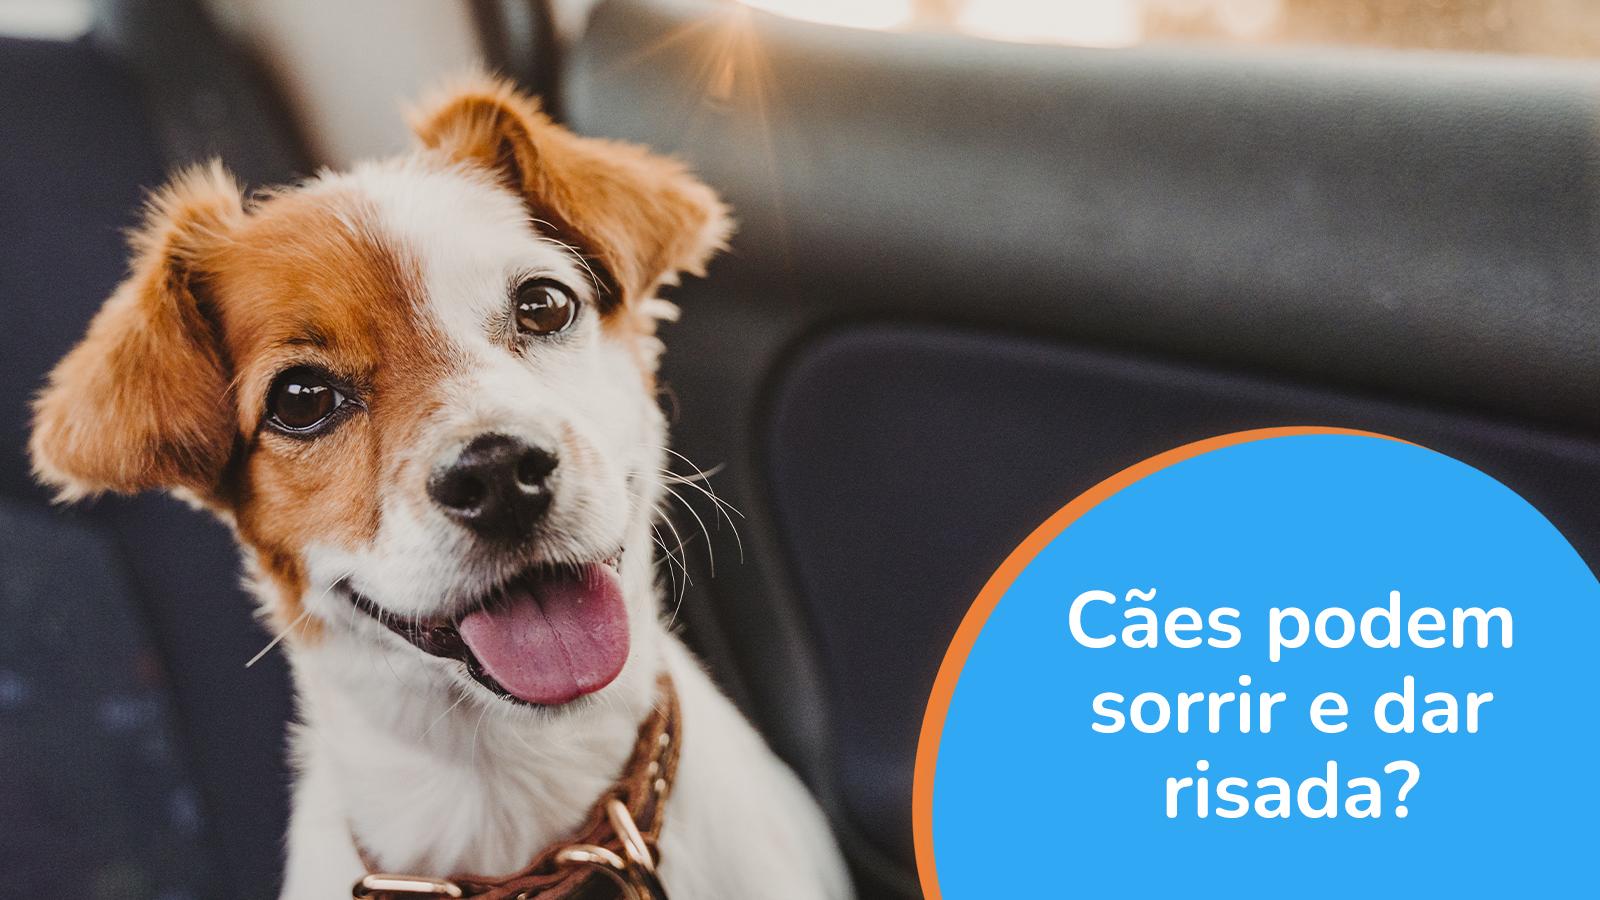 Cães podem sorrir e dar risada?